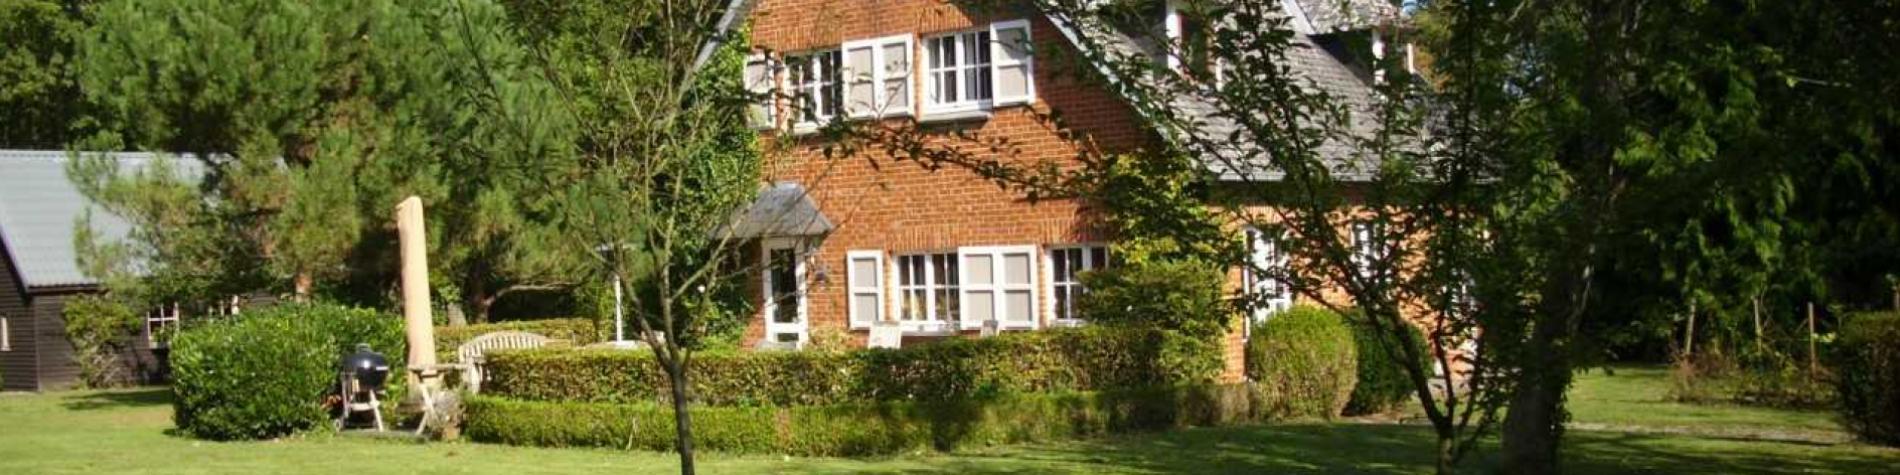 Meublé de vacances - Maison Henriette - Houyet